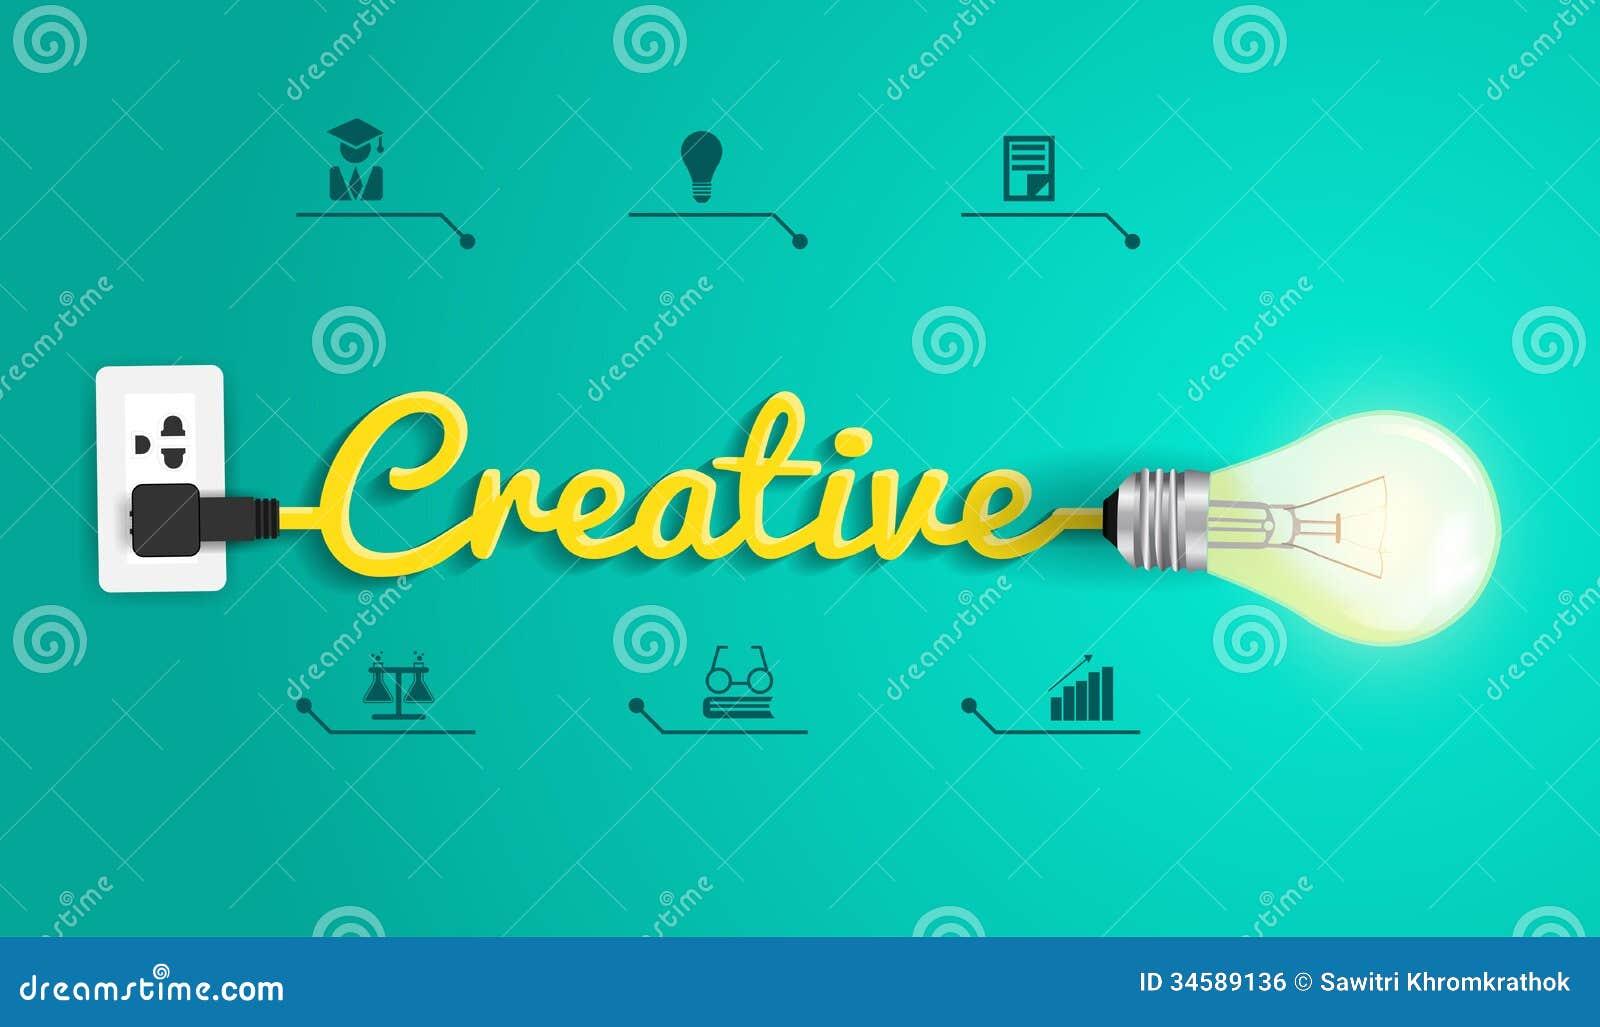 Vector creatief concept met gloeilampenidee